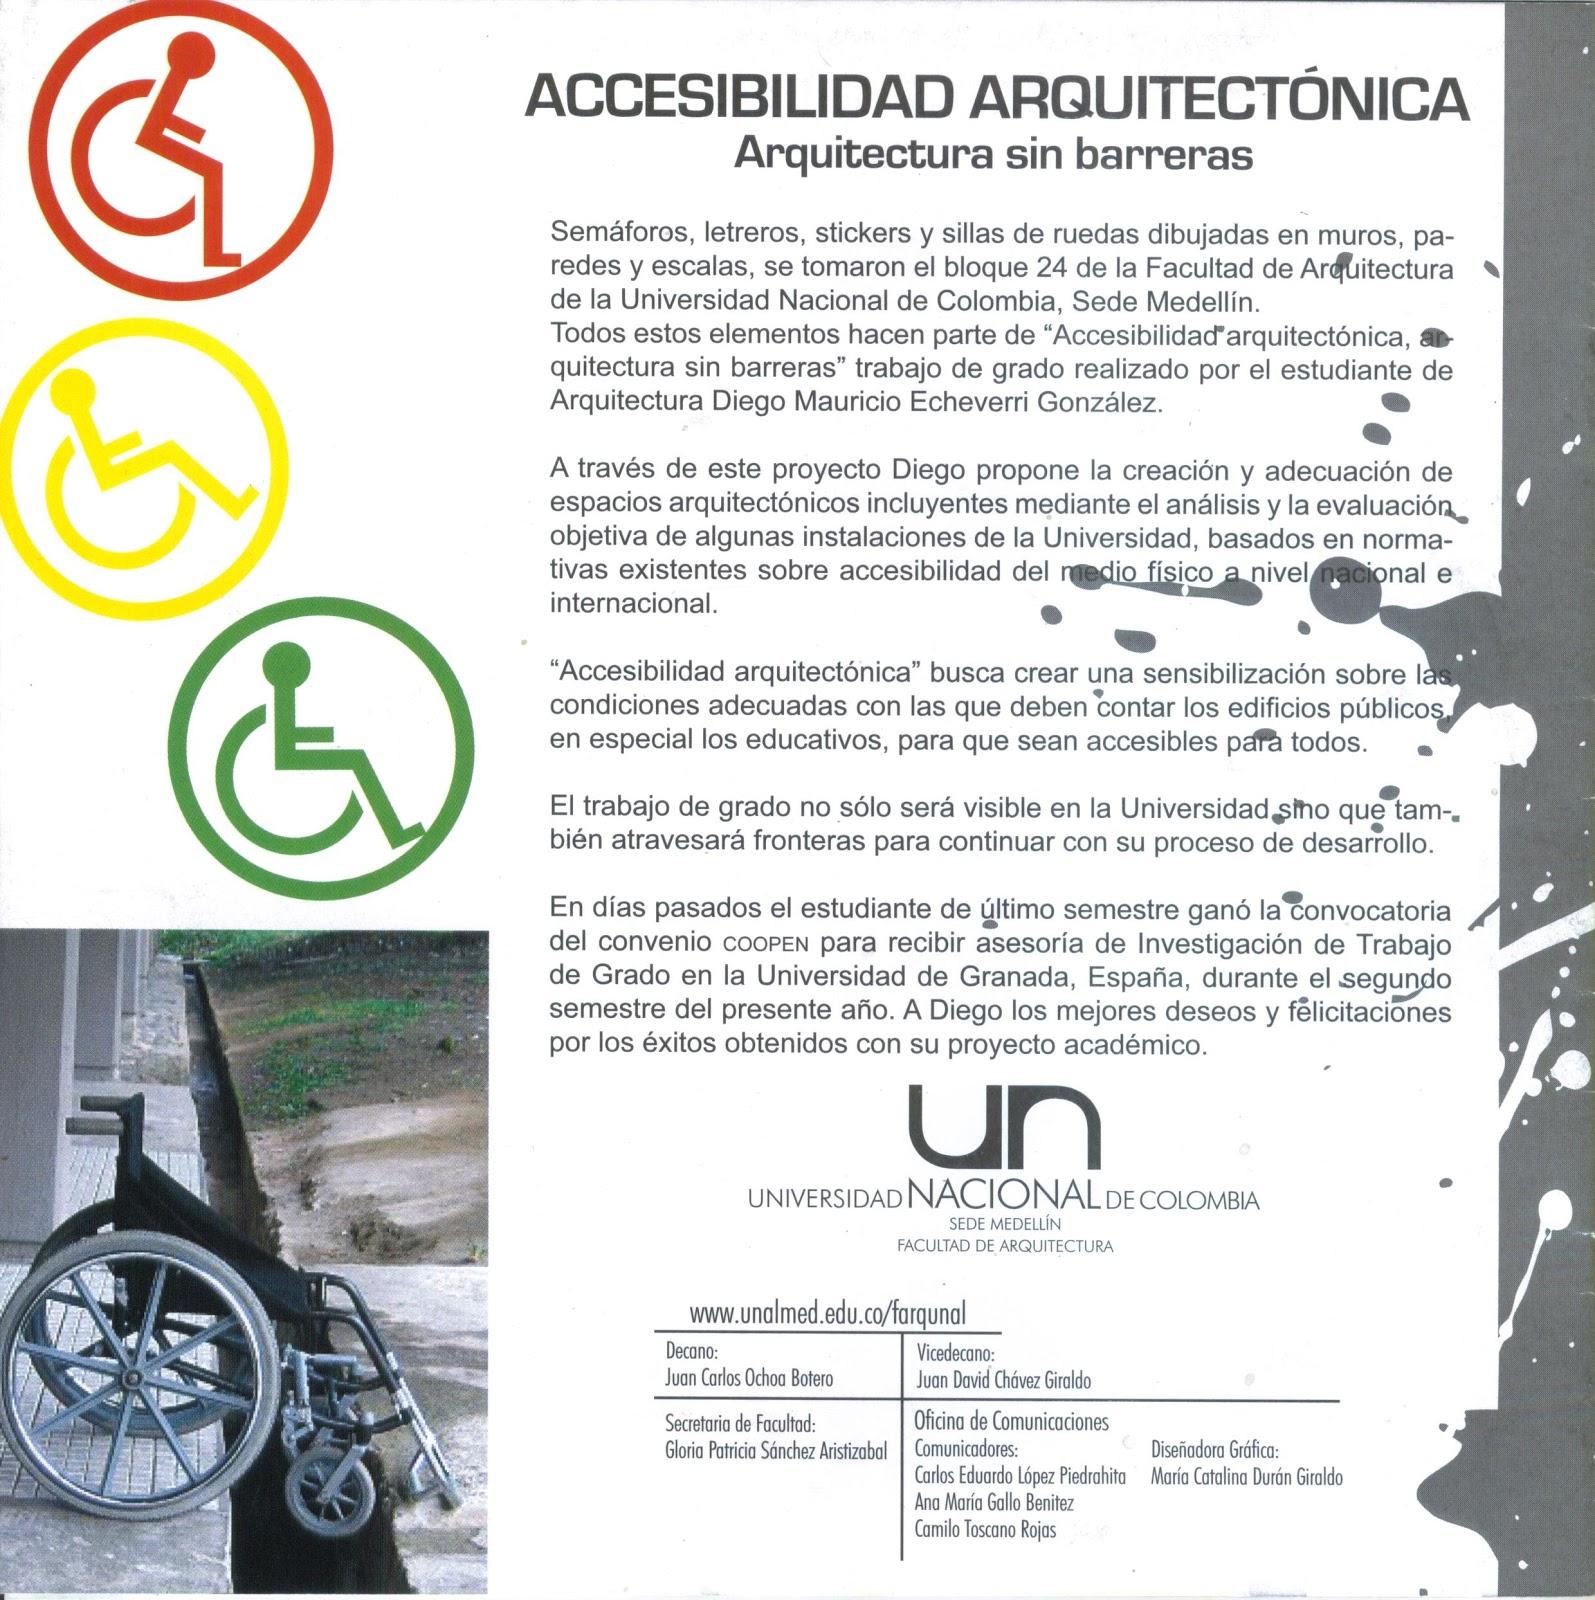 Arquitectura sin barreras for Que es accesibilidad